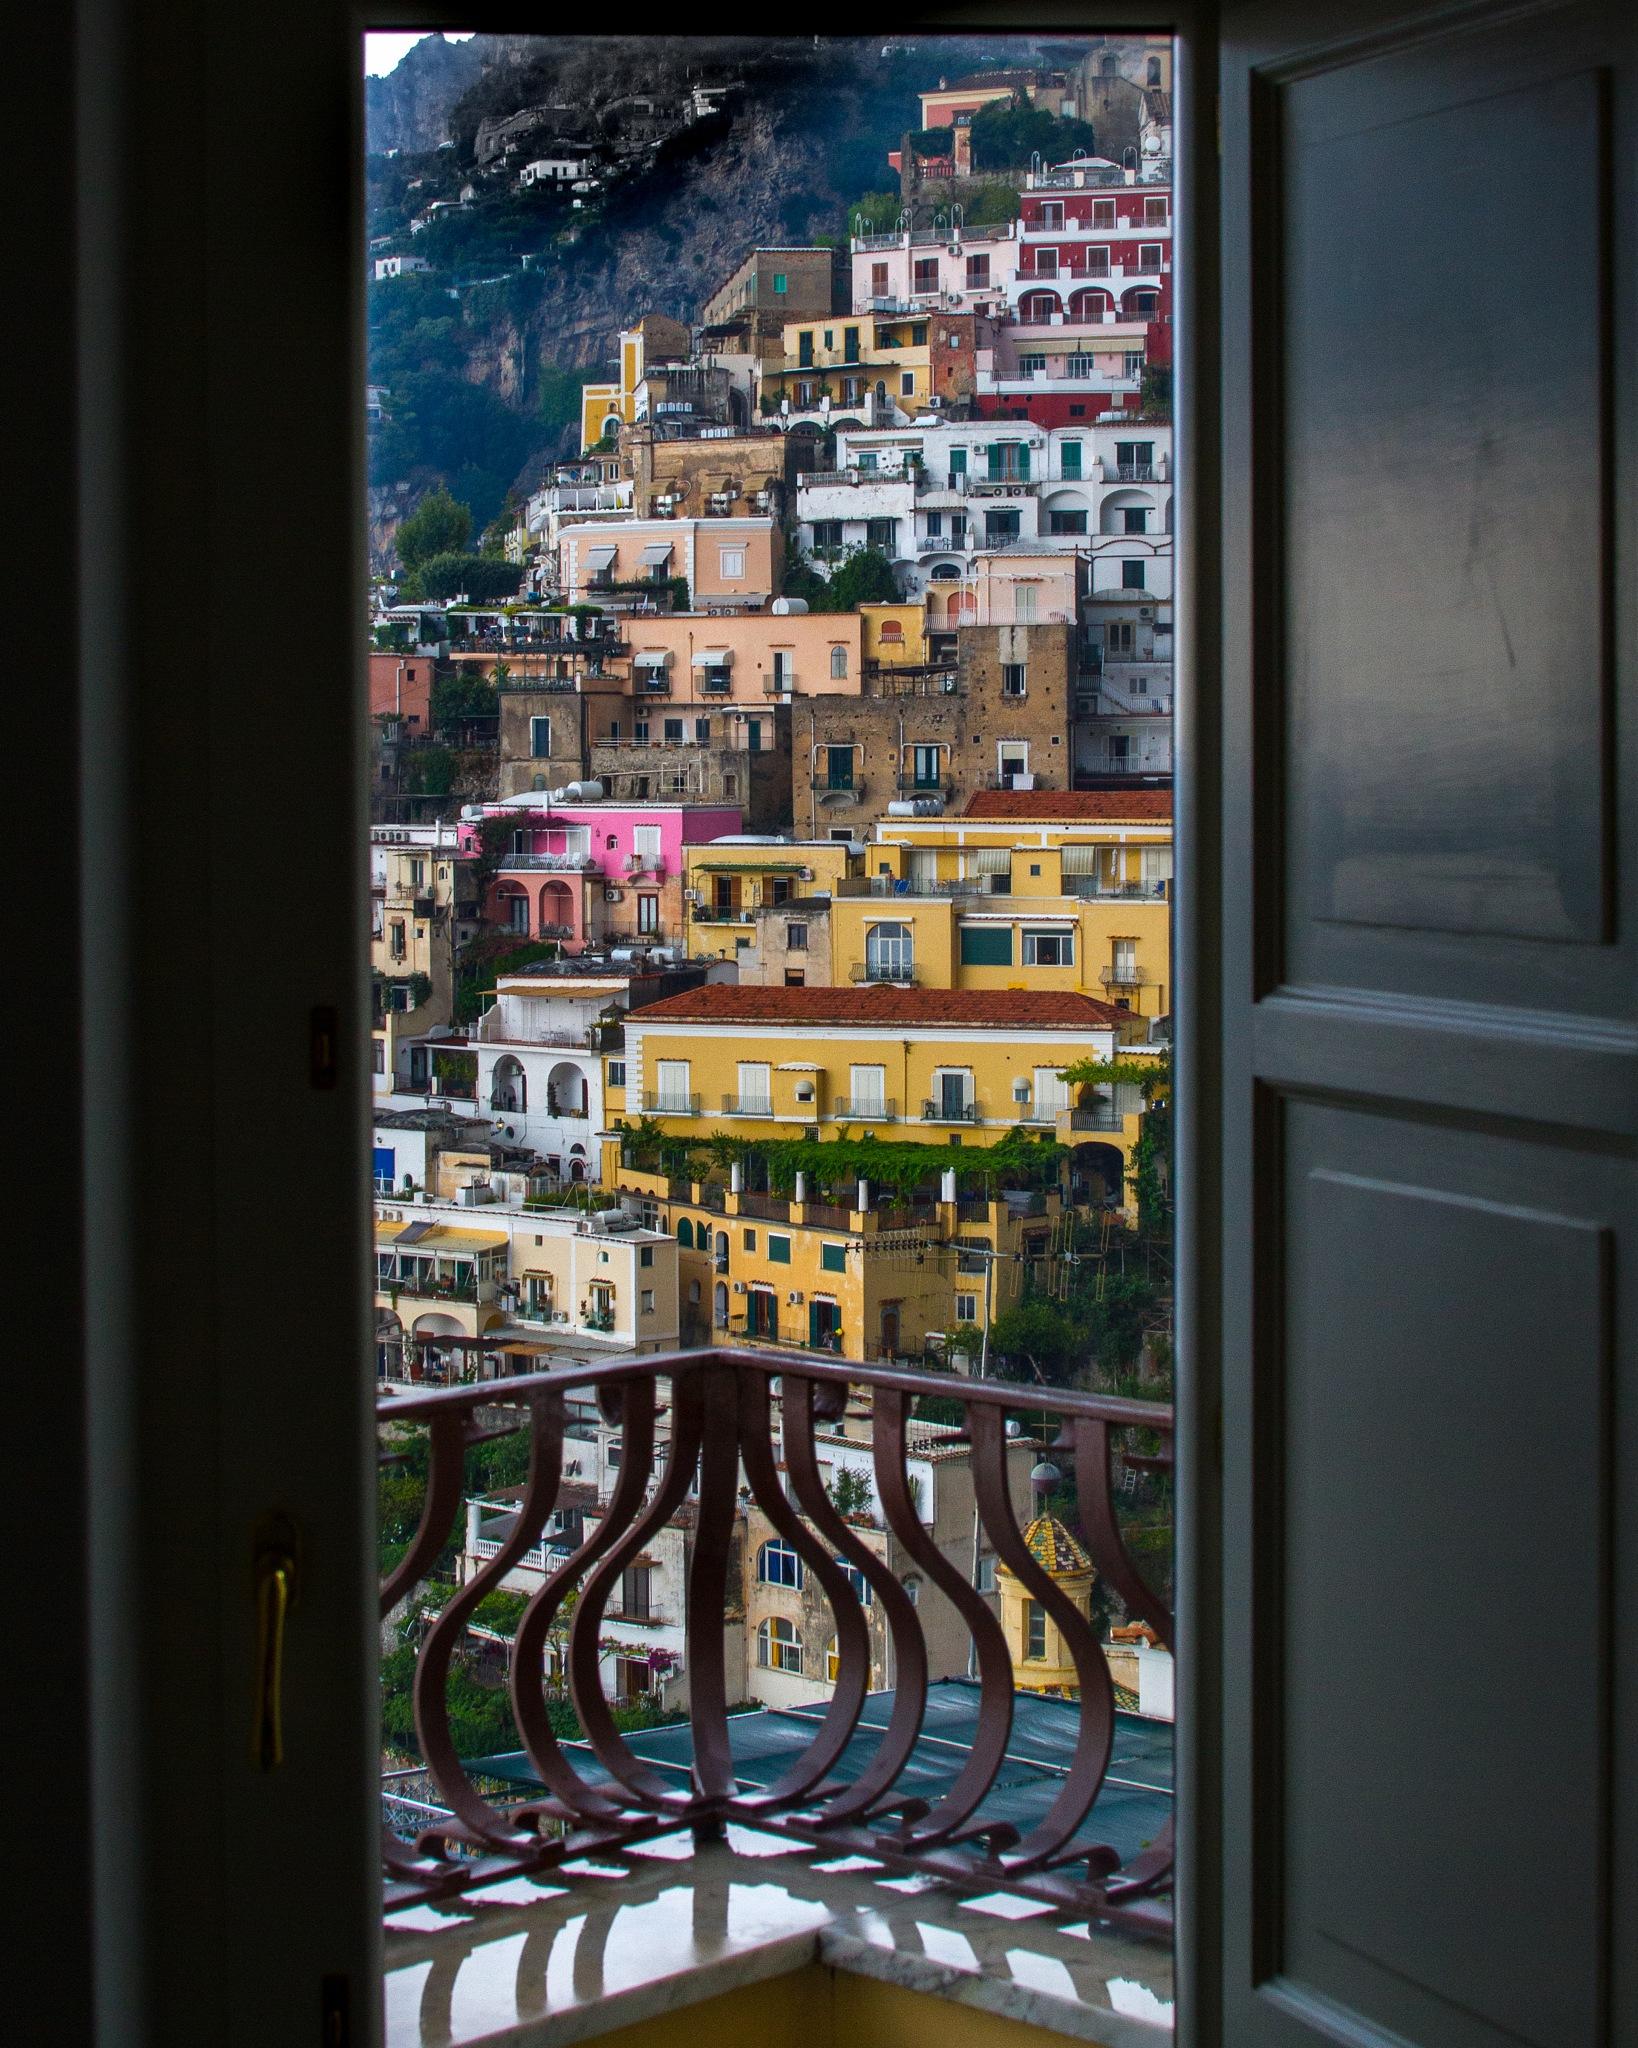 Good Morning, Positano! © Copyright 2017, Verne Varona by VerneVarona